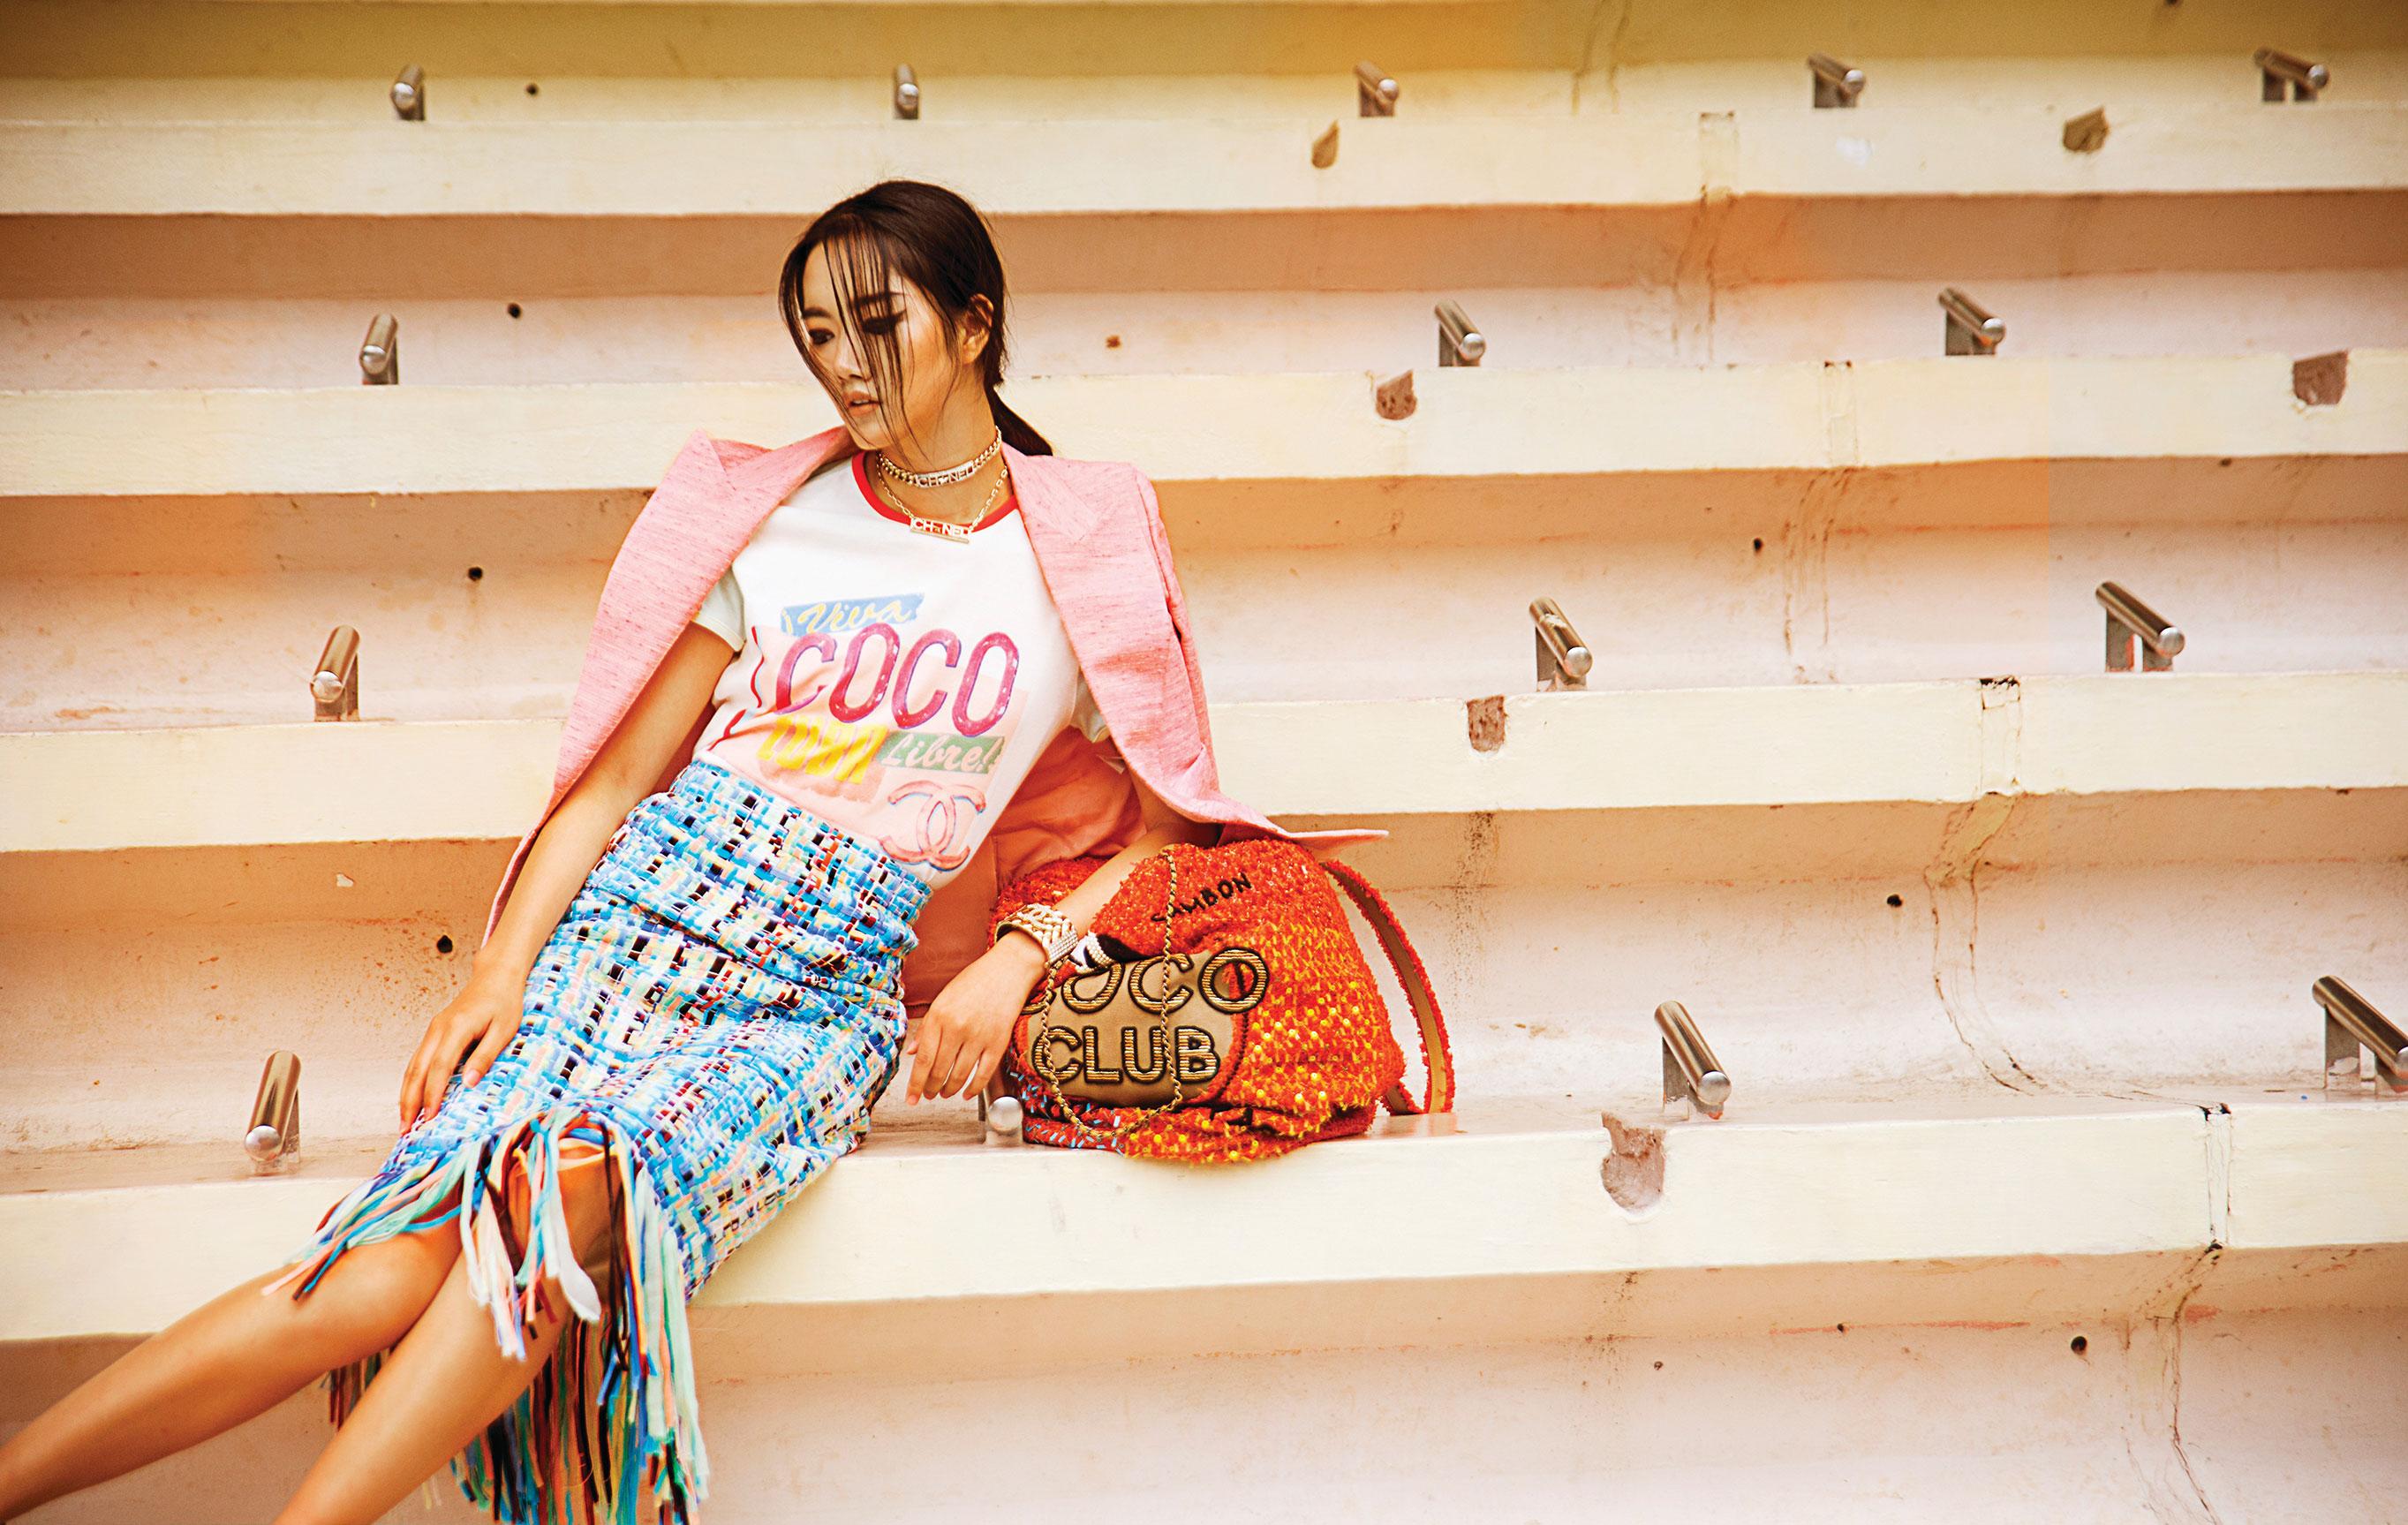 Модная азиатская девушка скучает на трибунах стадиона / фото 06